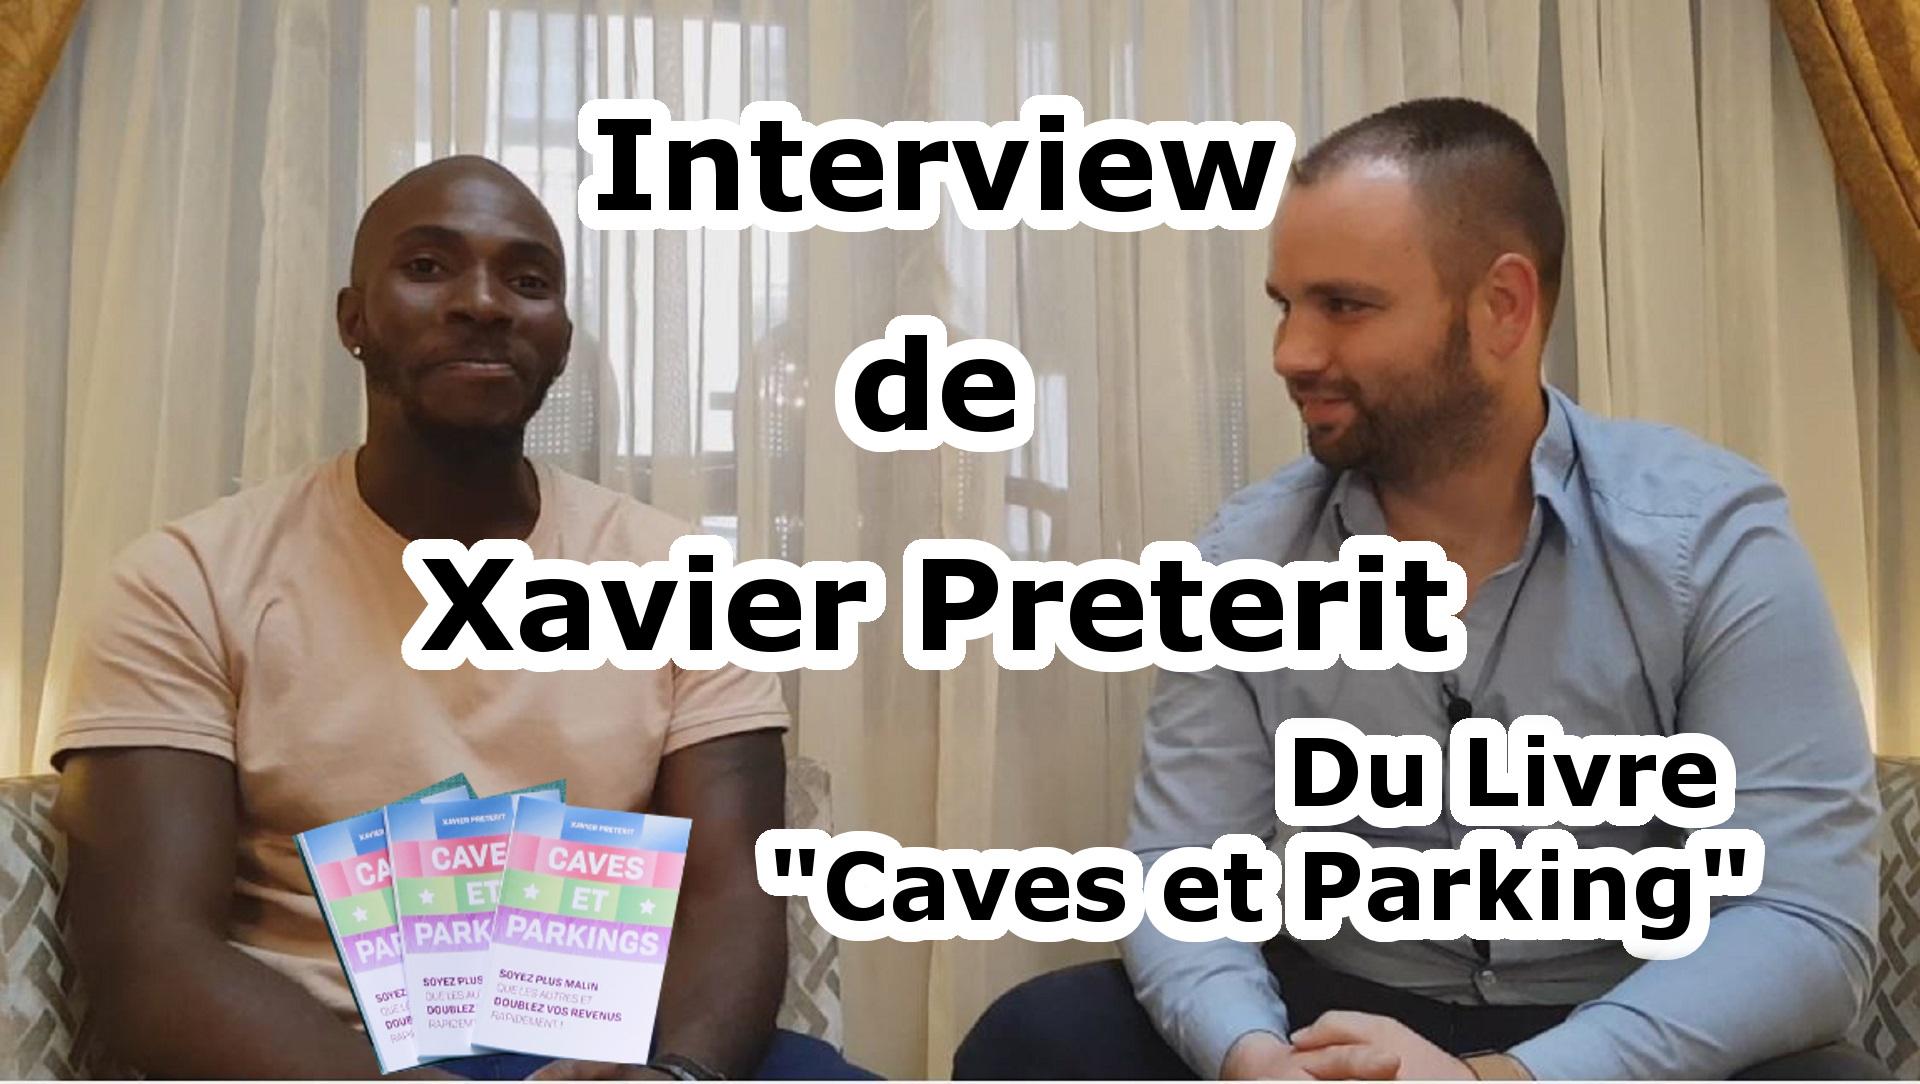 Interview de Xavier Preterit, du livre Caves et Parkings